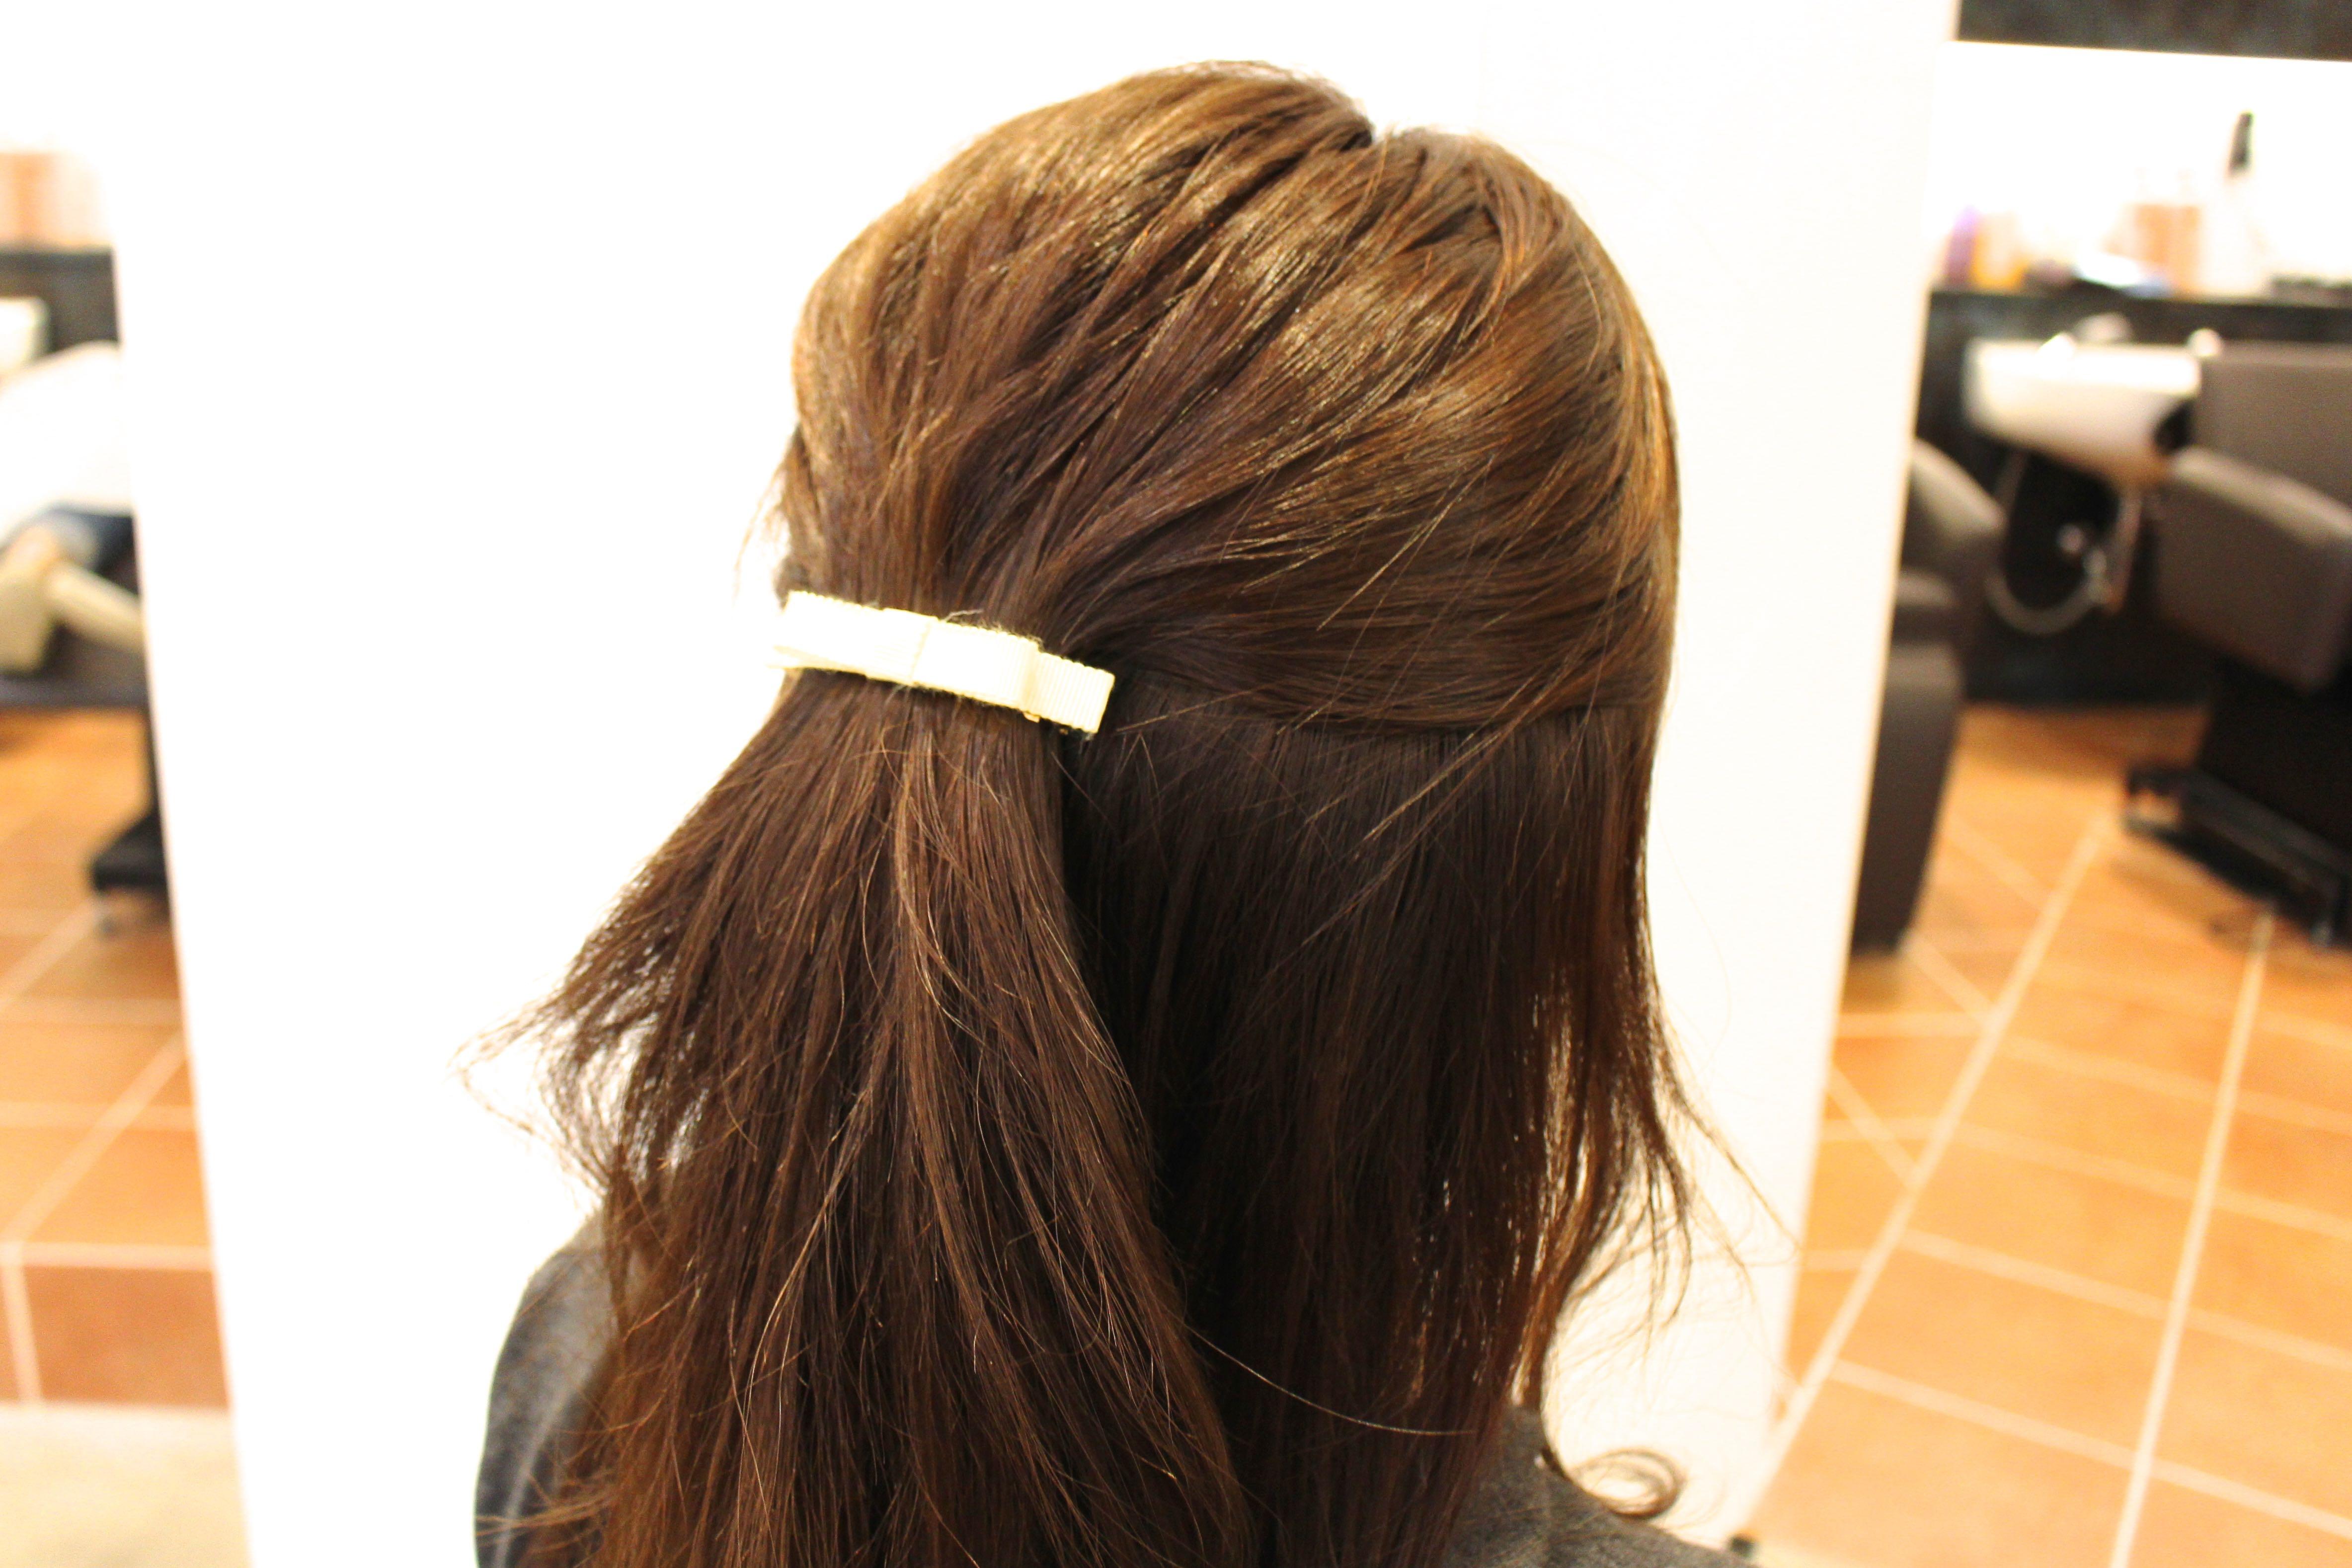 まばら白髪のタイプ別!美容家おすすめ「セルフ白髪染め」3つ